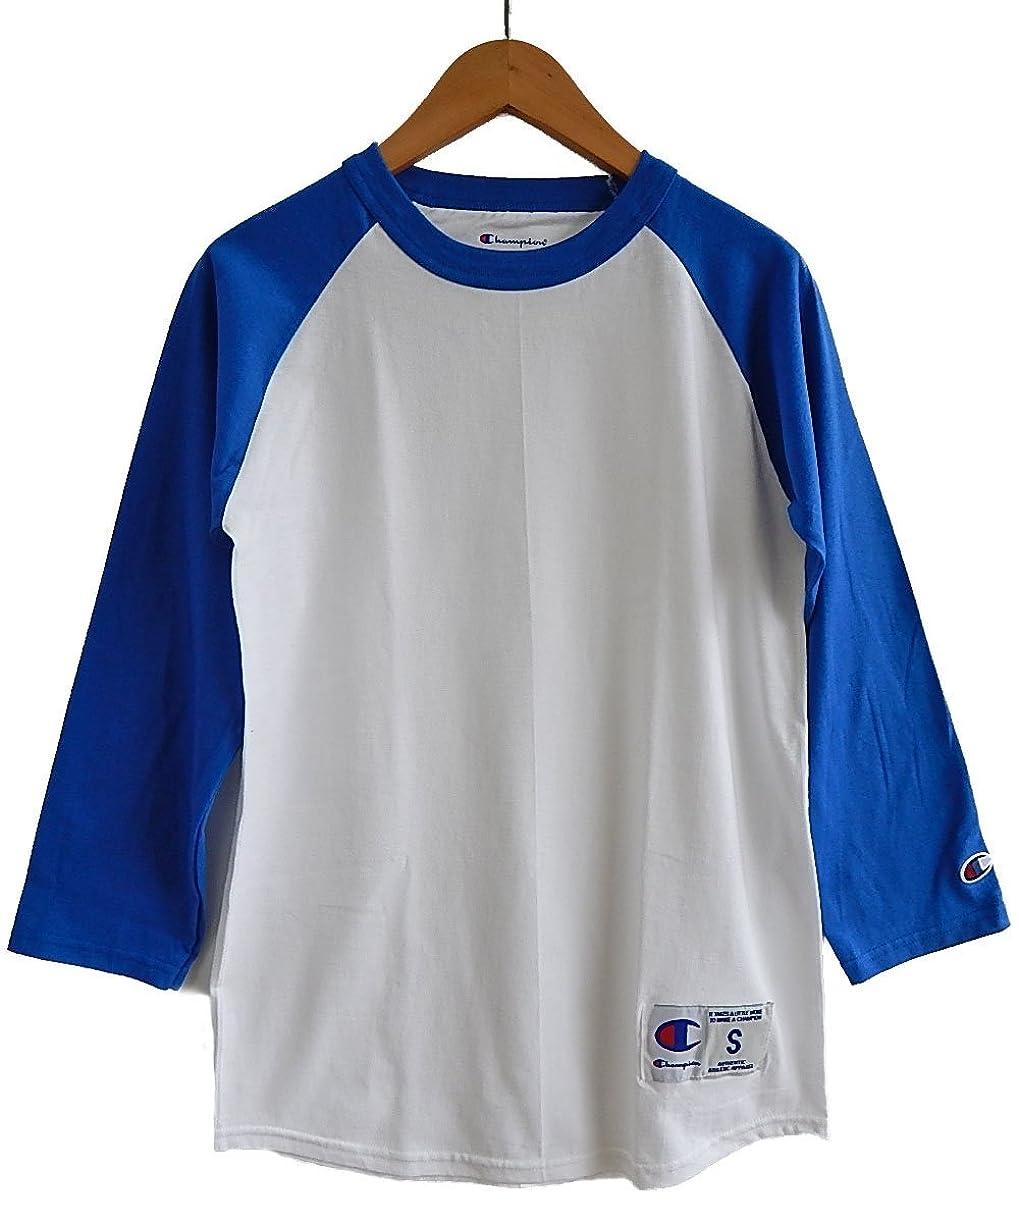 枝後ろ、背後、背面(部掃除(チャンピオン) CHAMPION ラグラン ベースボールシャツ (XL, WHITE/T BLUE) [並行輸入品]